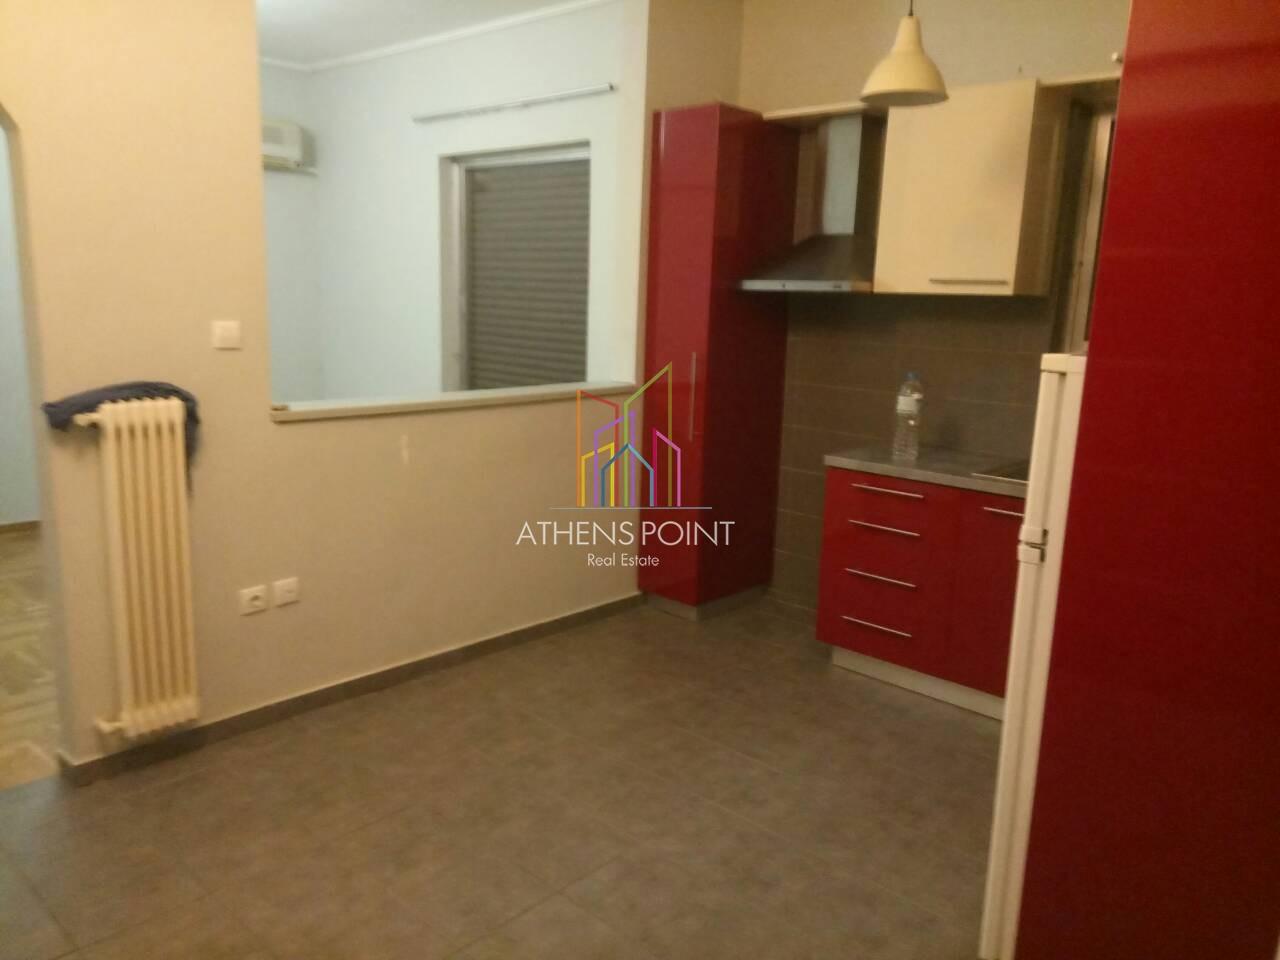 Πωλείται διαμέρισμα ημιώροφου 53τμ στον Άγιο Αρτέμιο